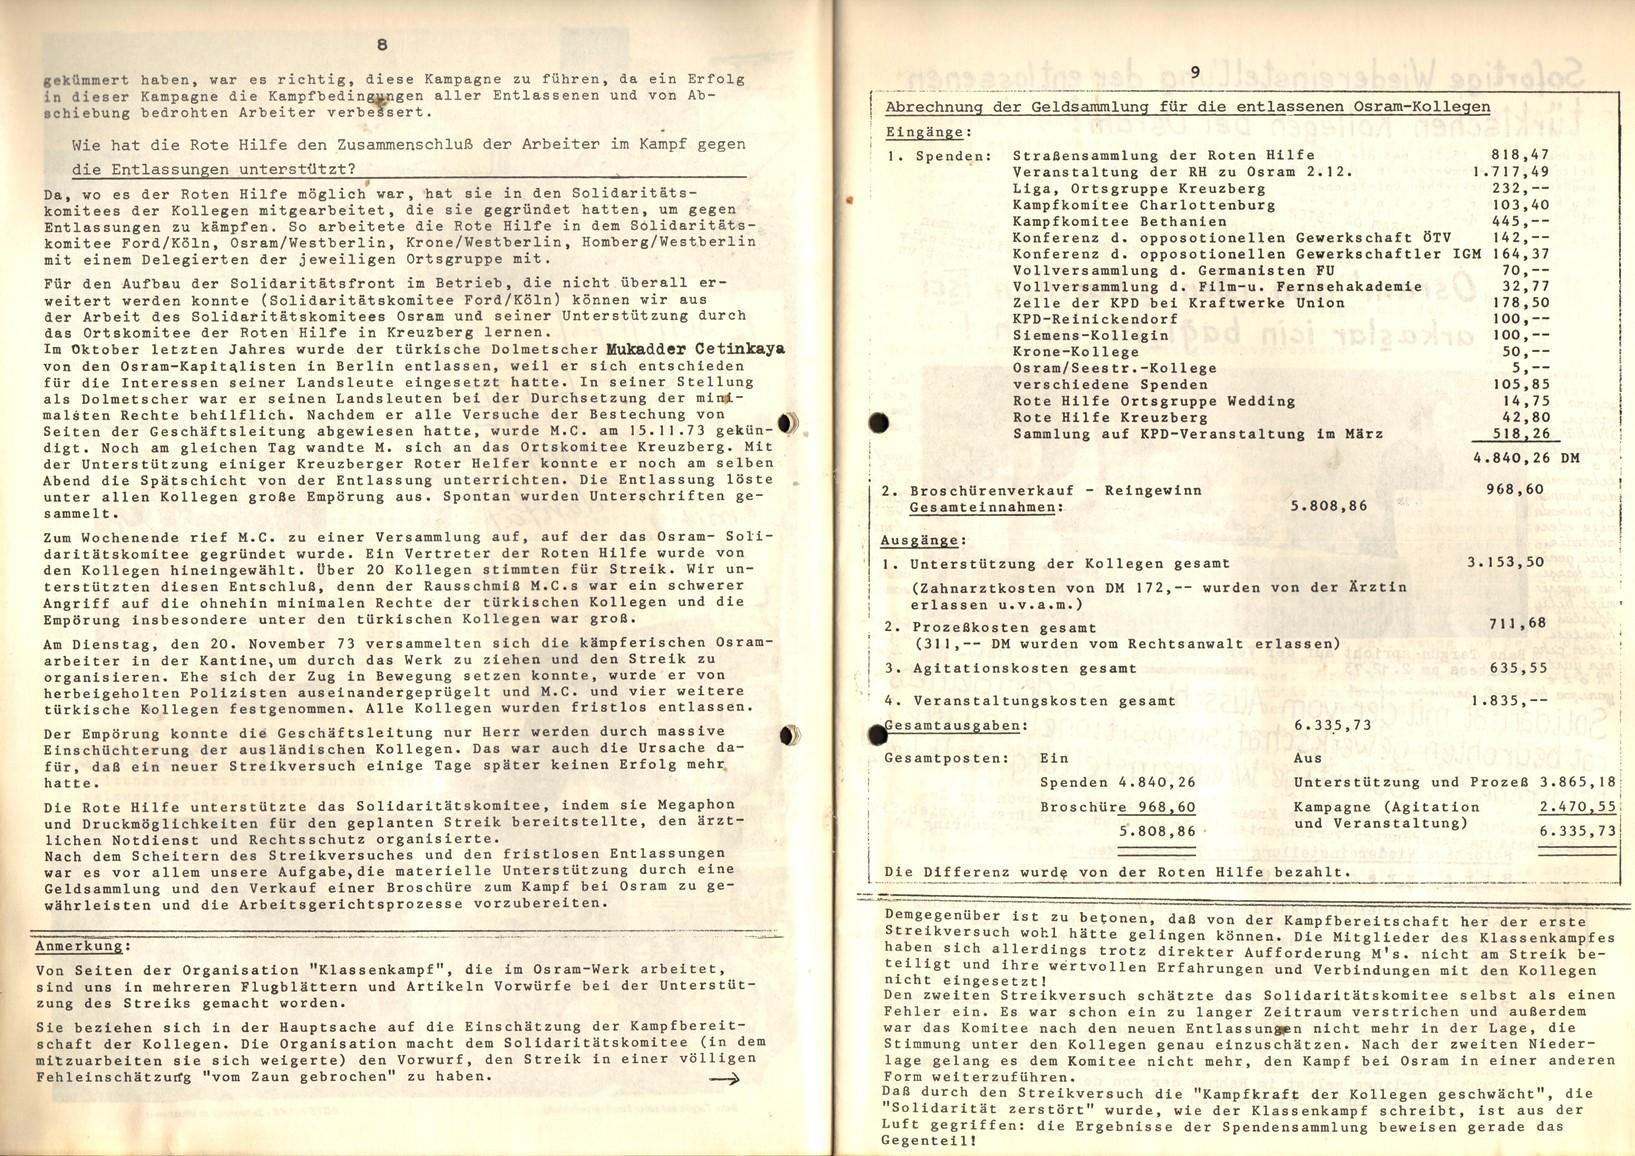 Dortmund_RHev_1974_Rechenschaftsbericht_06